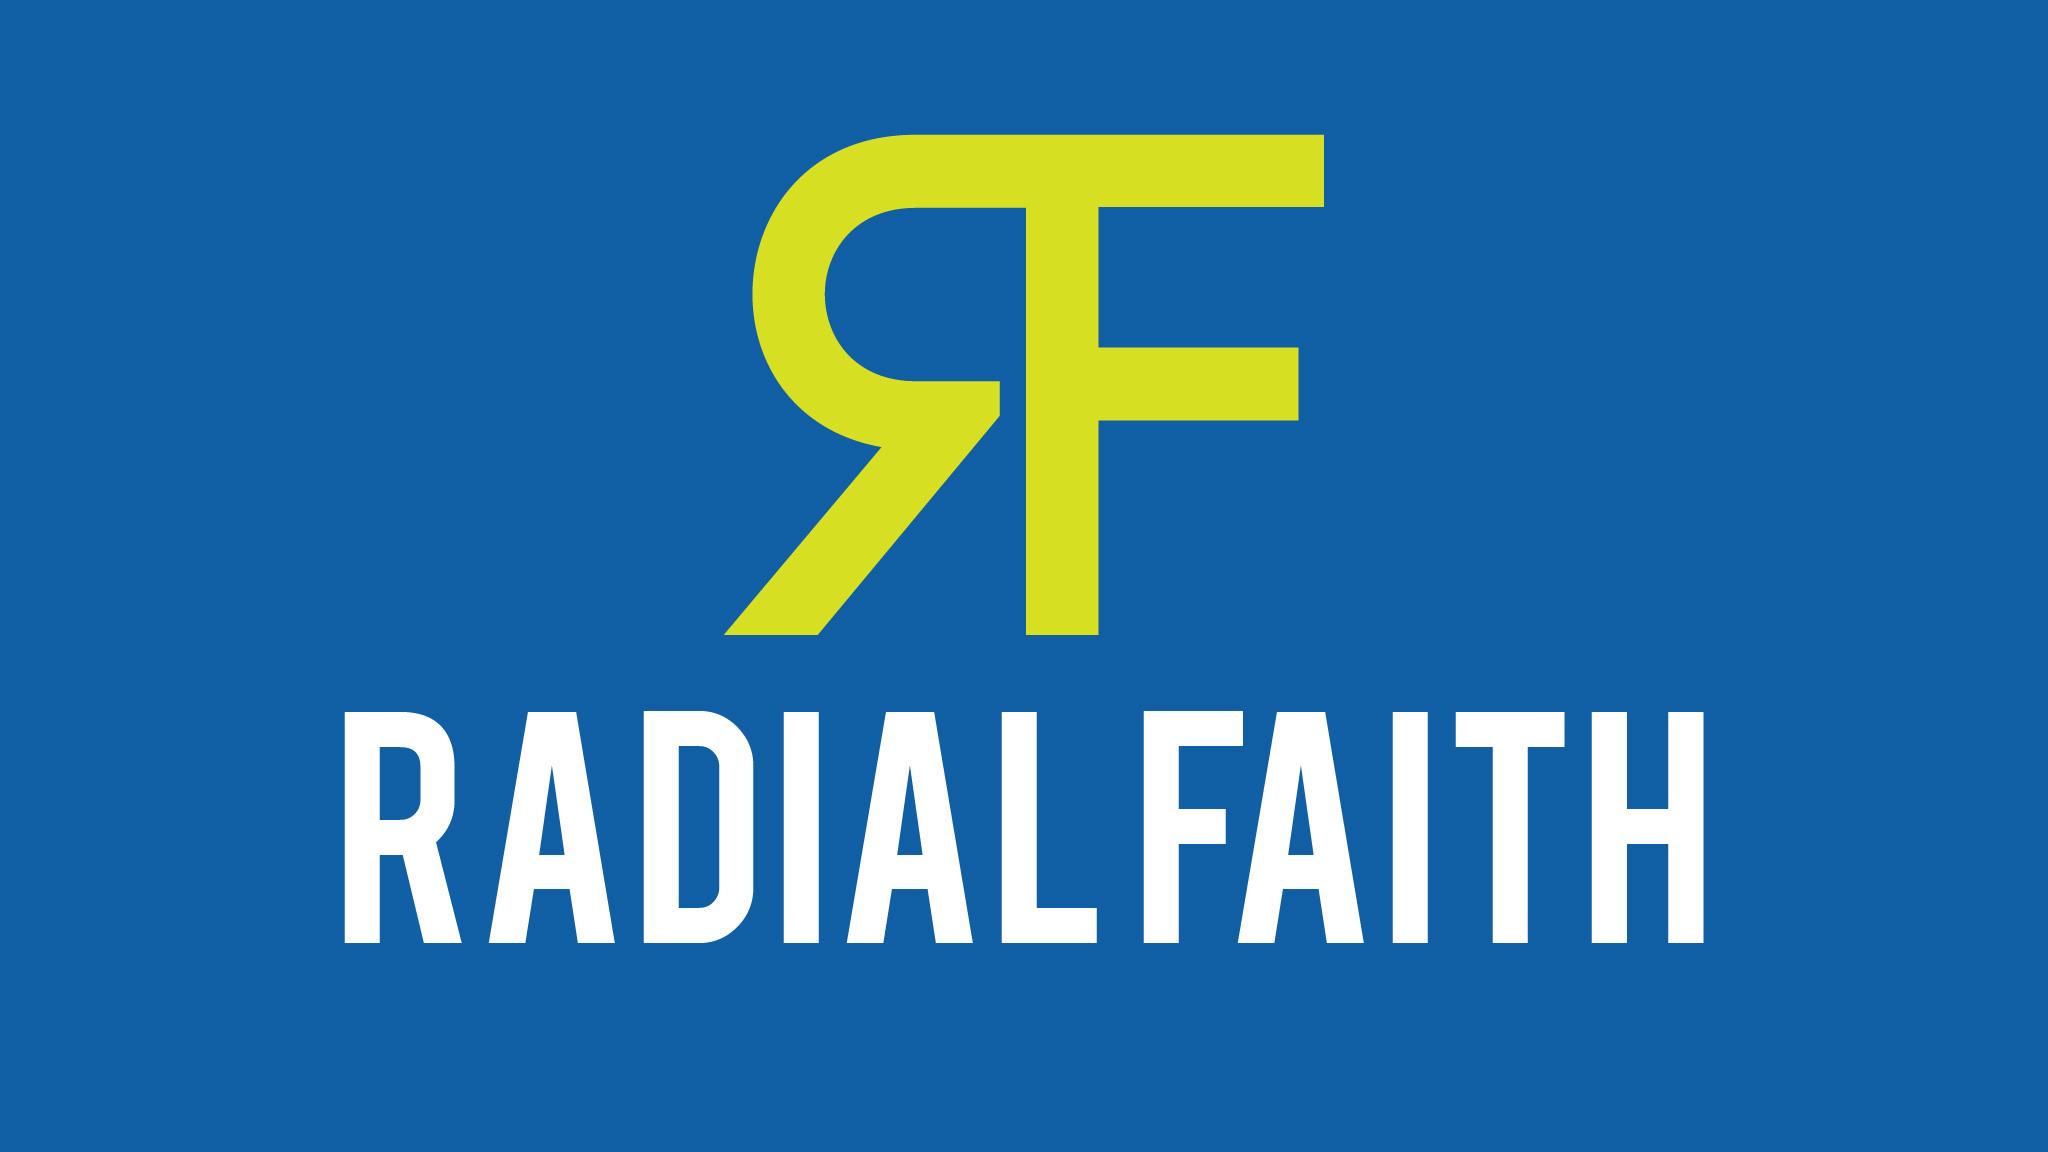 Radial Faith logo type.jpg